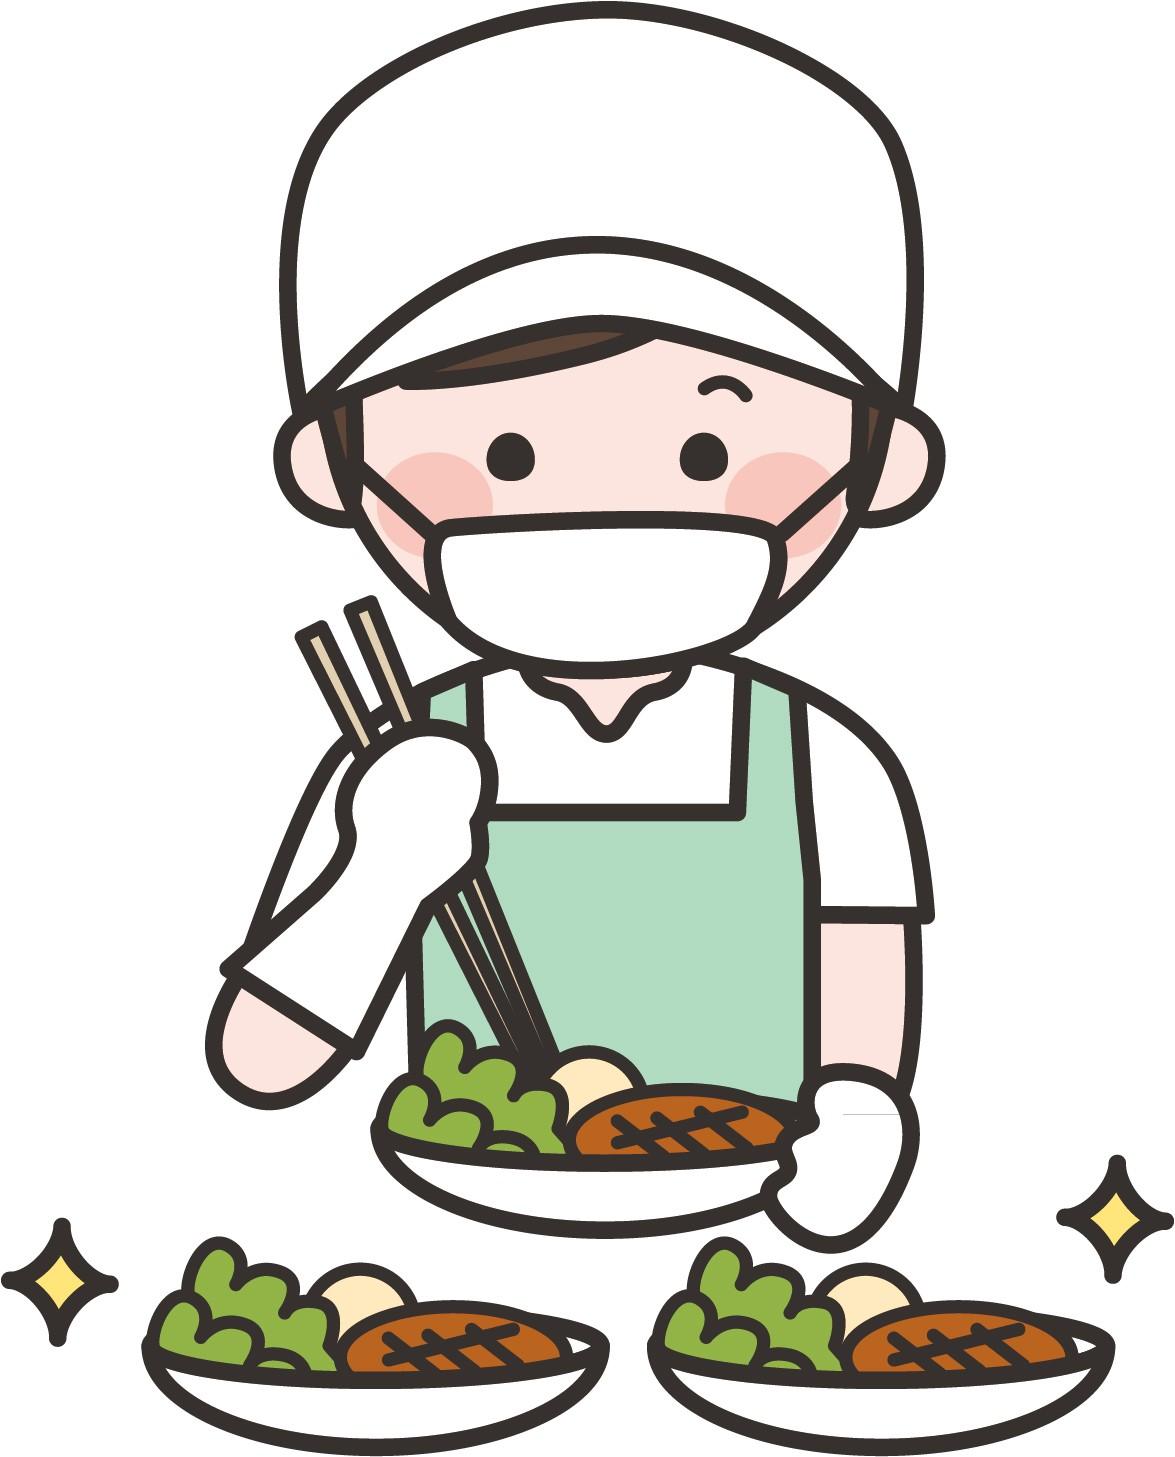 処理したお惣菜を乗せているバットや容器の洗浄作業です!